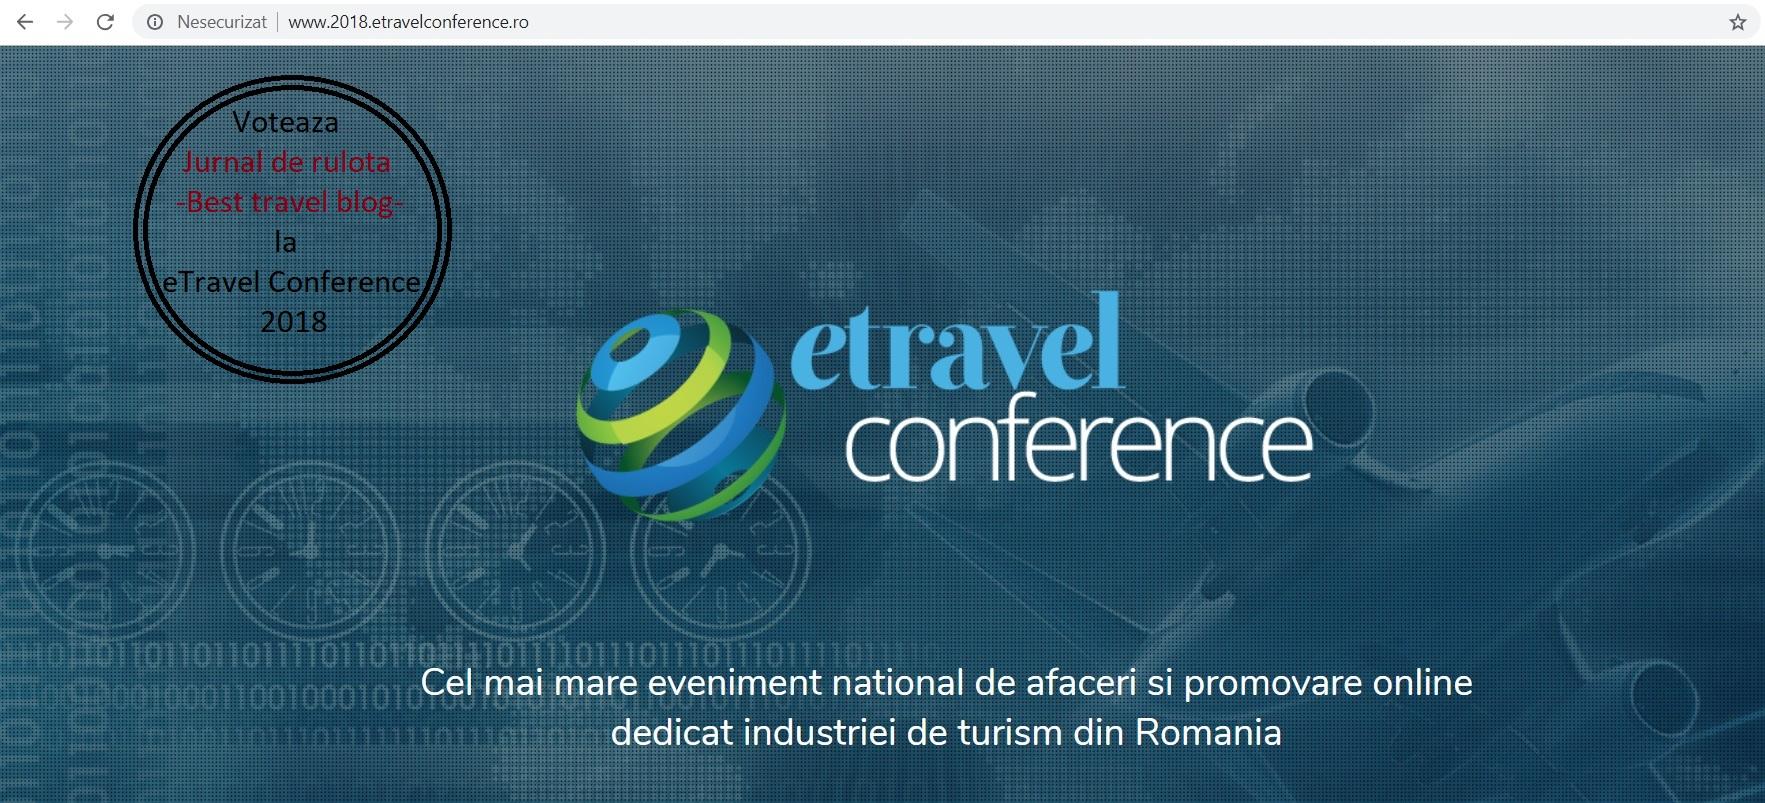 eTravel Conference si despre cum am descoperit ca suntem nominalizati la categoria Best Travel Blog 2018